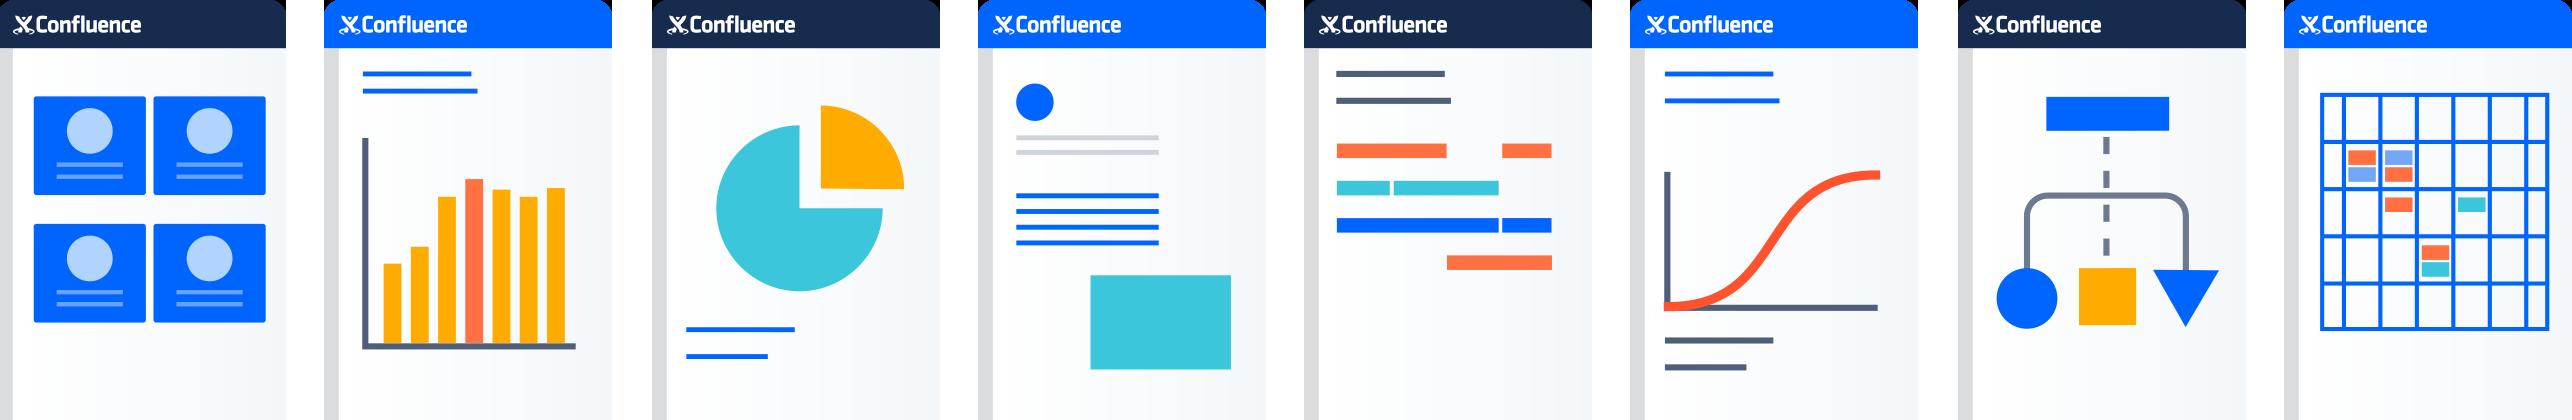 Confluence– Seiten zur Kollaborationssoftware für Inhalte